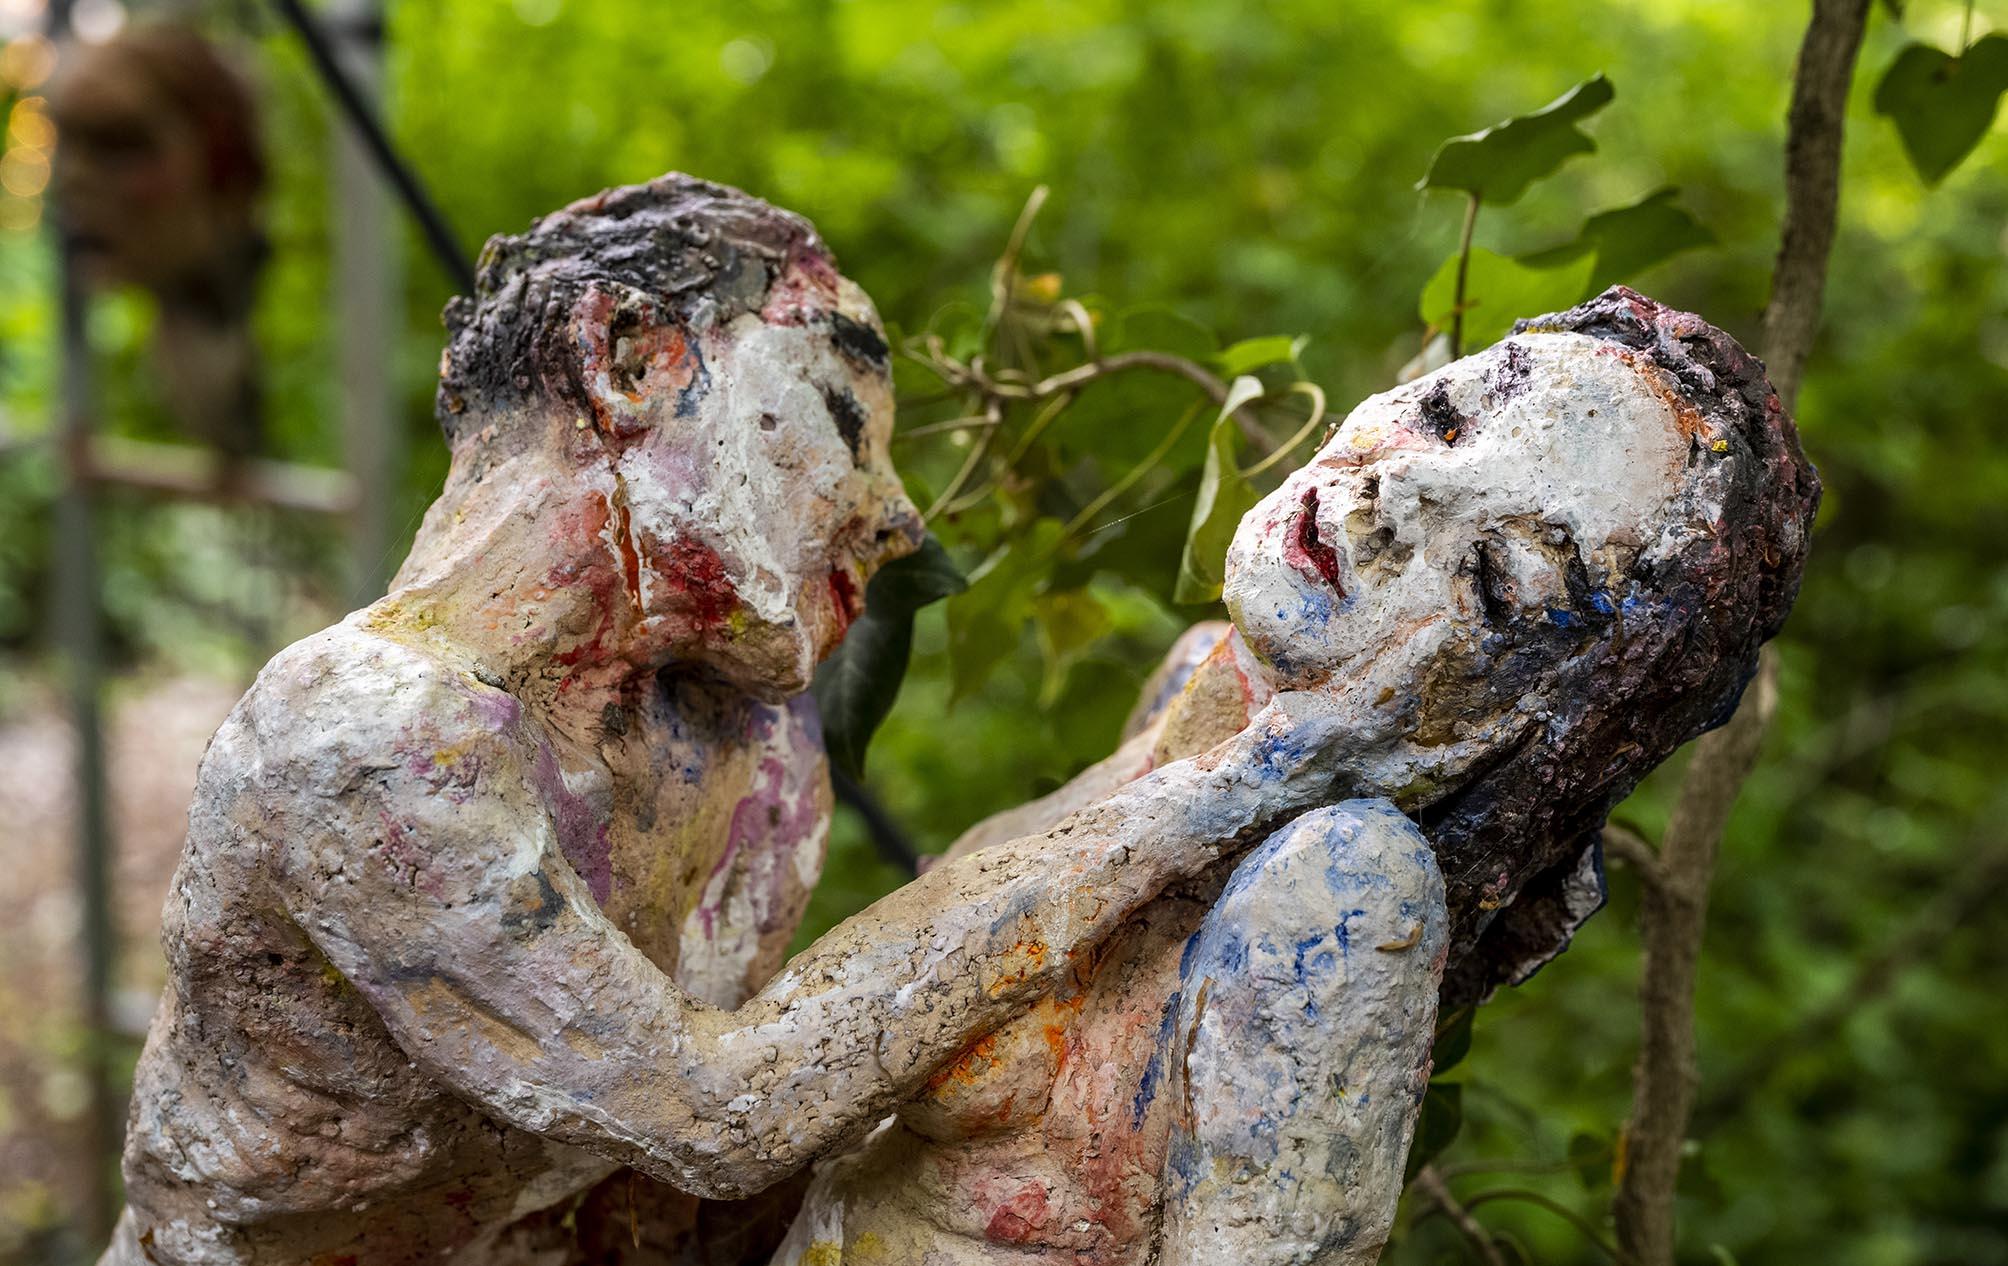 Skulptur eines Liebespaares, bei dem der Mann die Wange der Frau streichelt